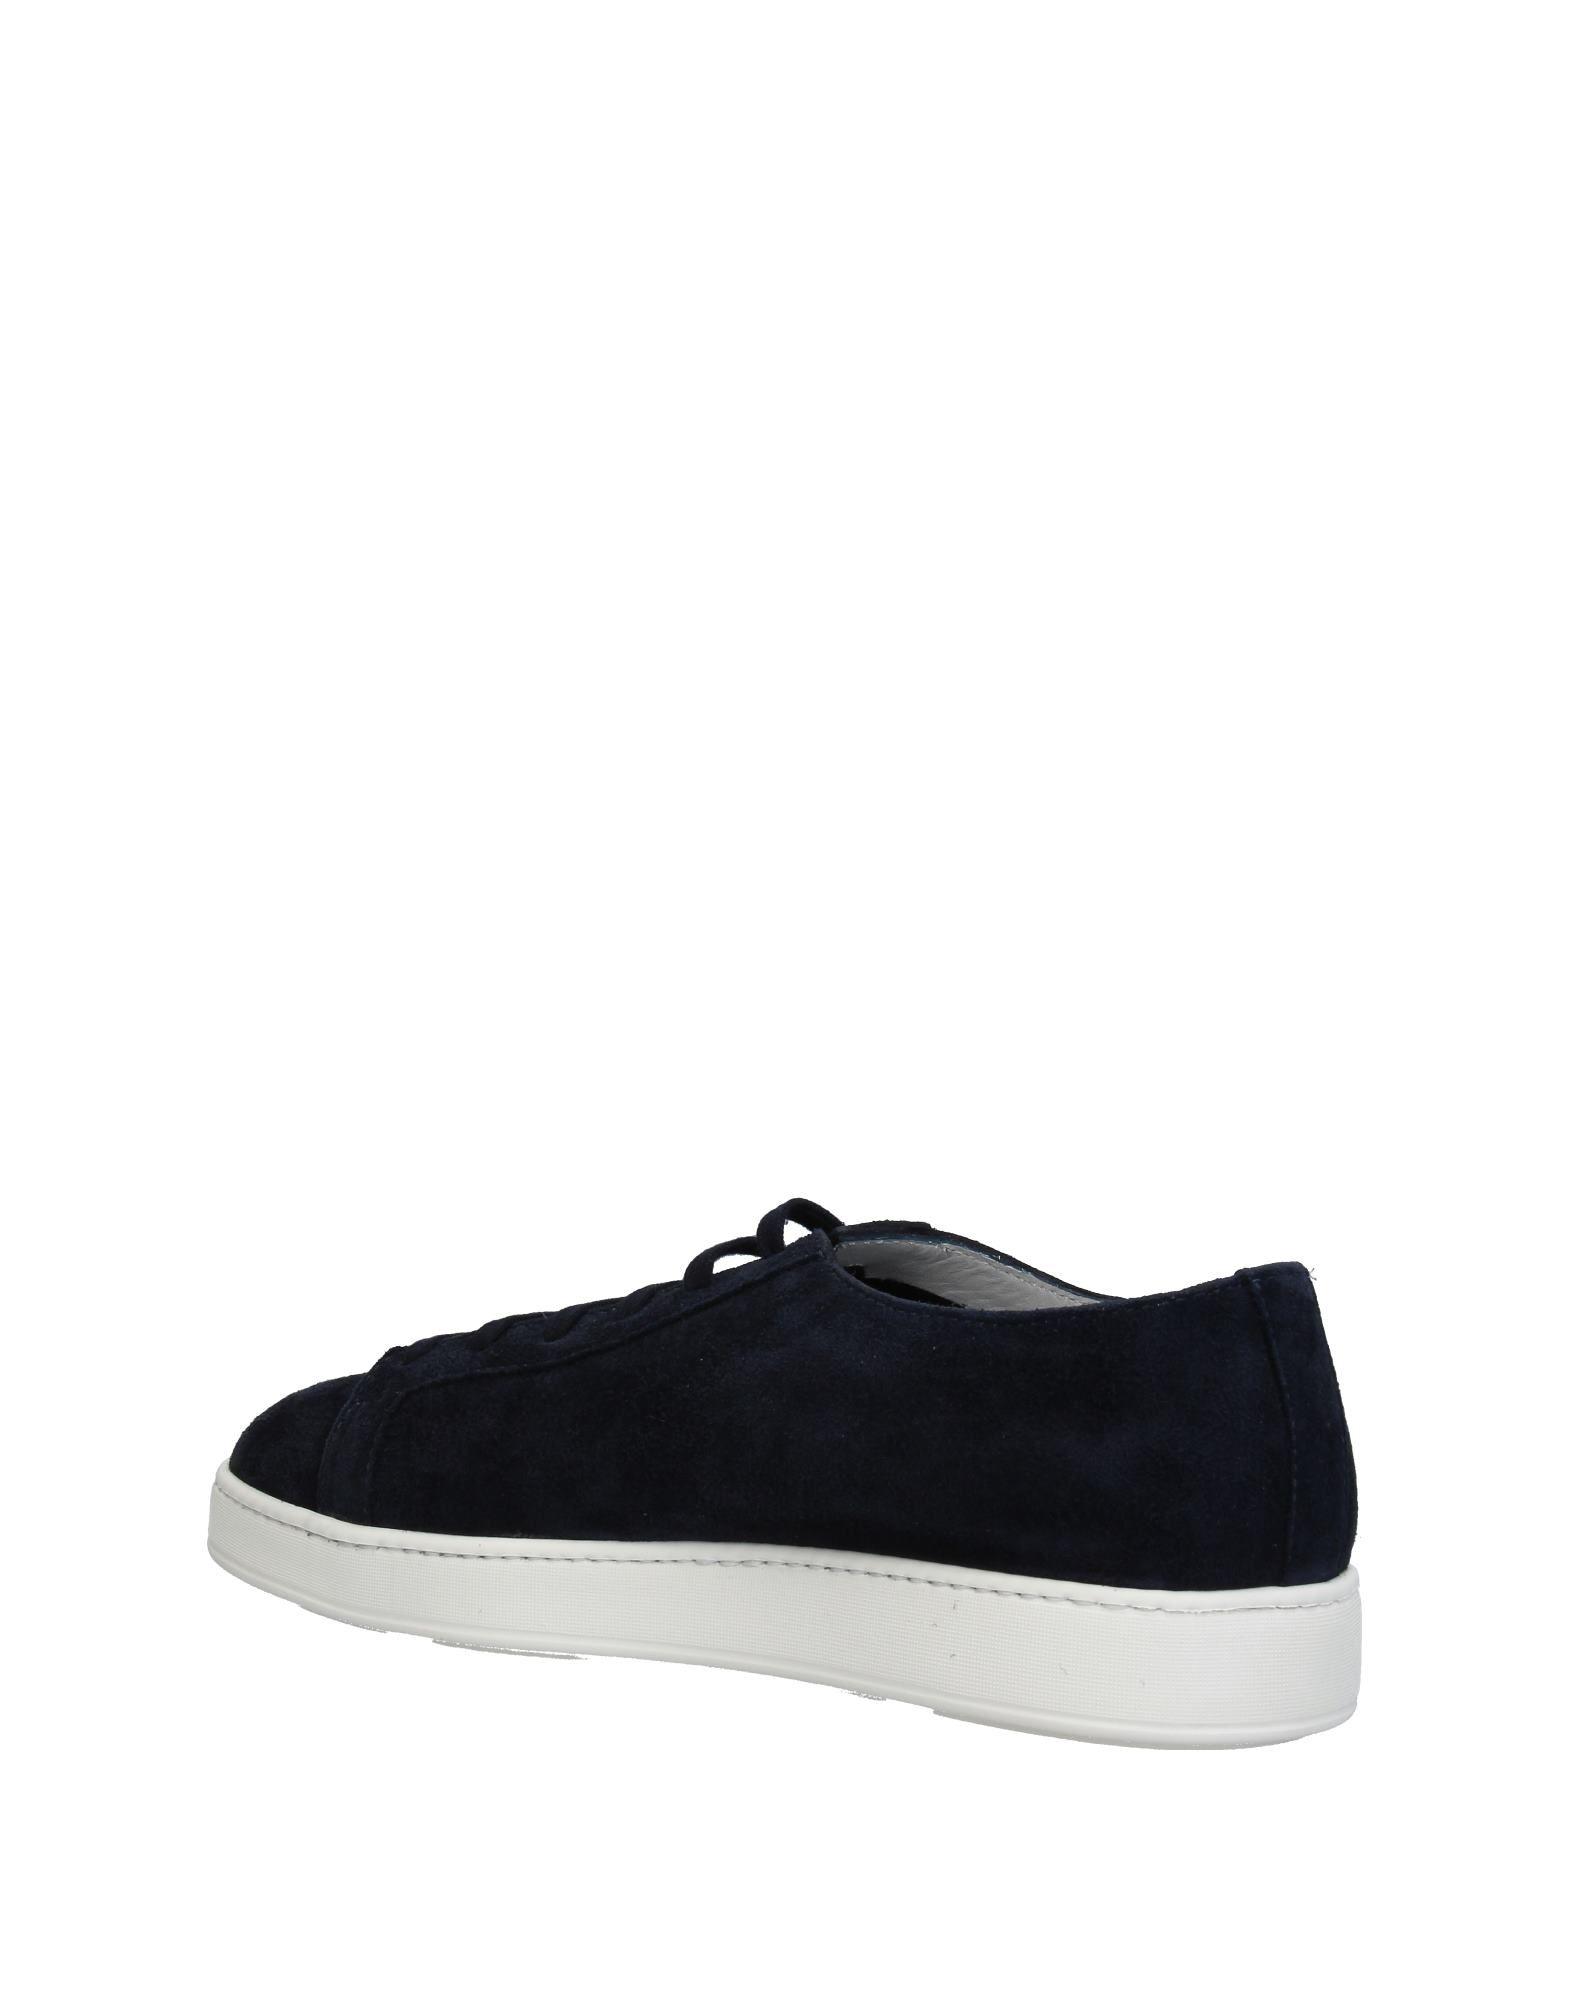 Herren Santoni Sneakers Herren   11410170VU Heiße Schuhe 814b90